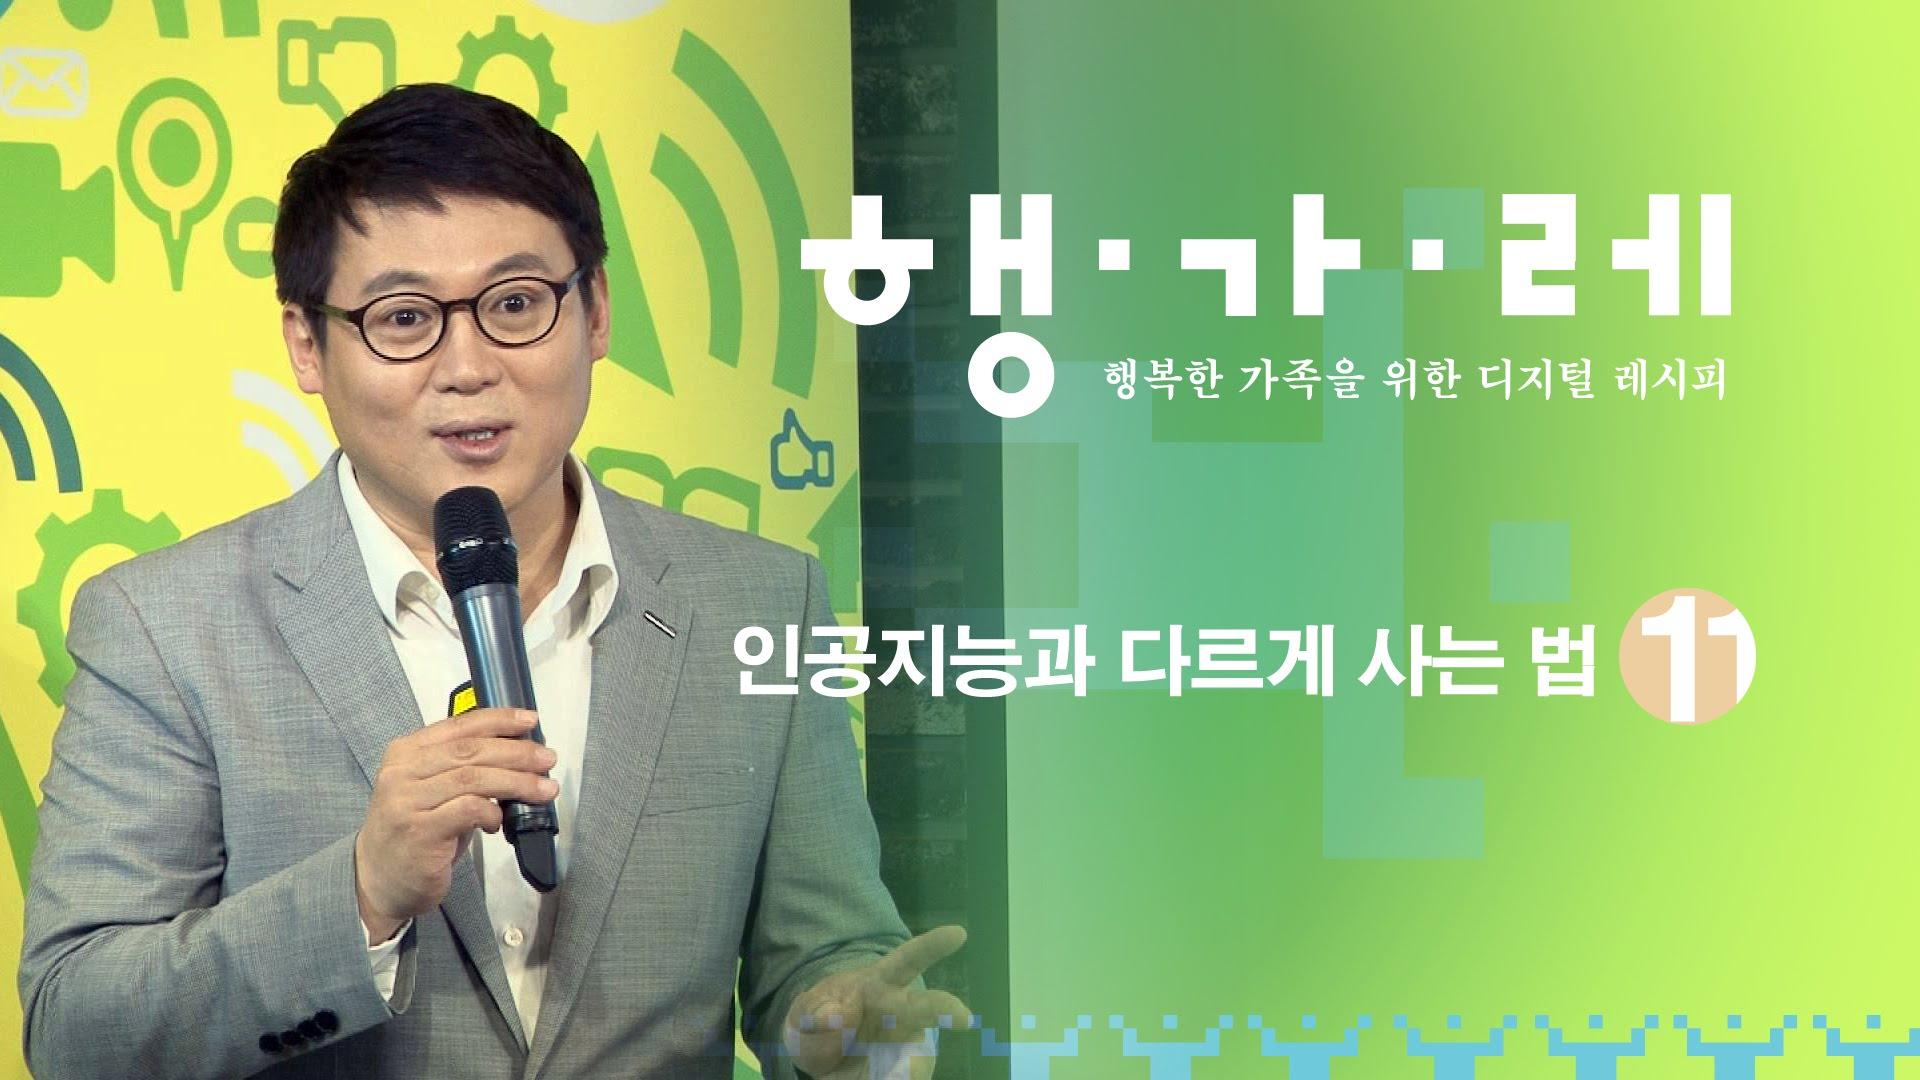 행.가.레: #11 인공지능과 다르게 사는 법 – 김경일 교수